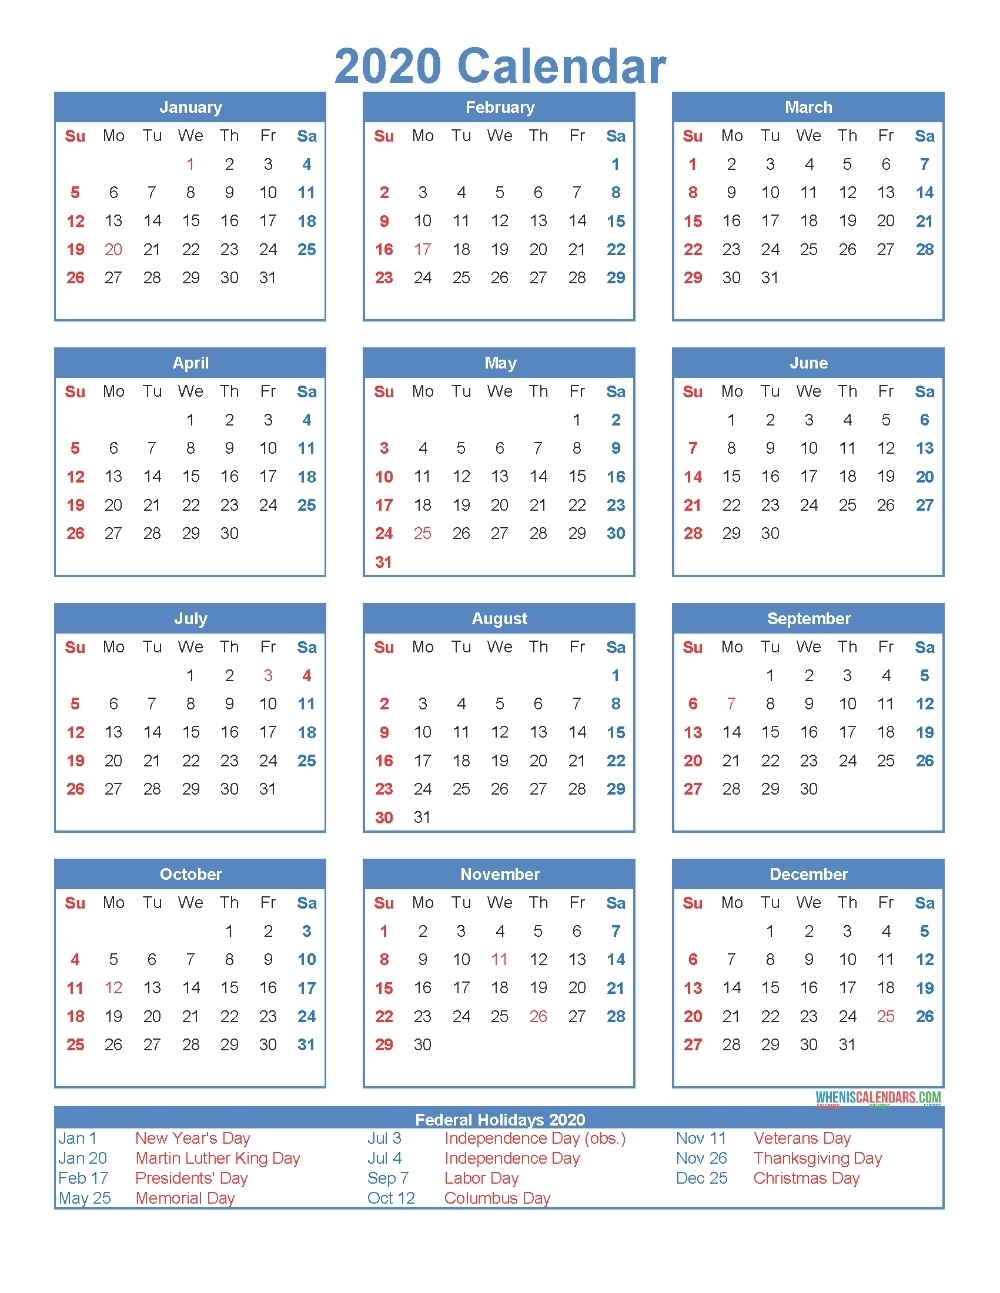 Depo Provera Calendar 2021 | Calendar Template Printable